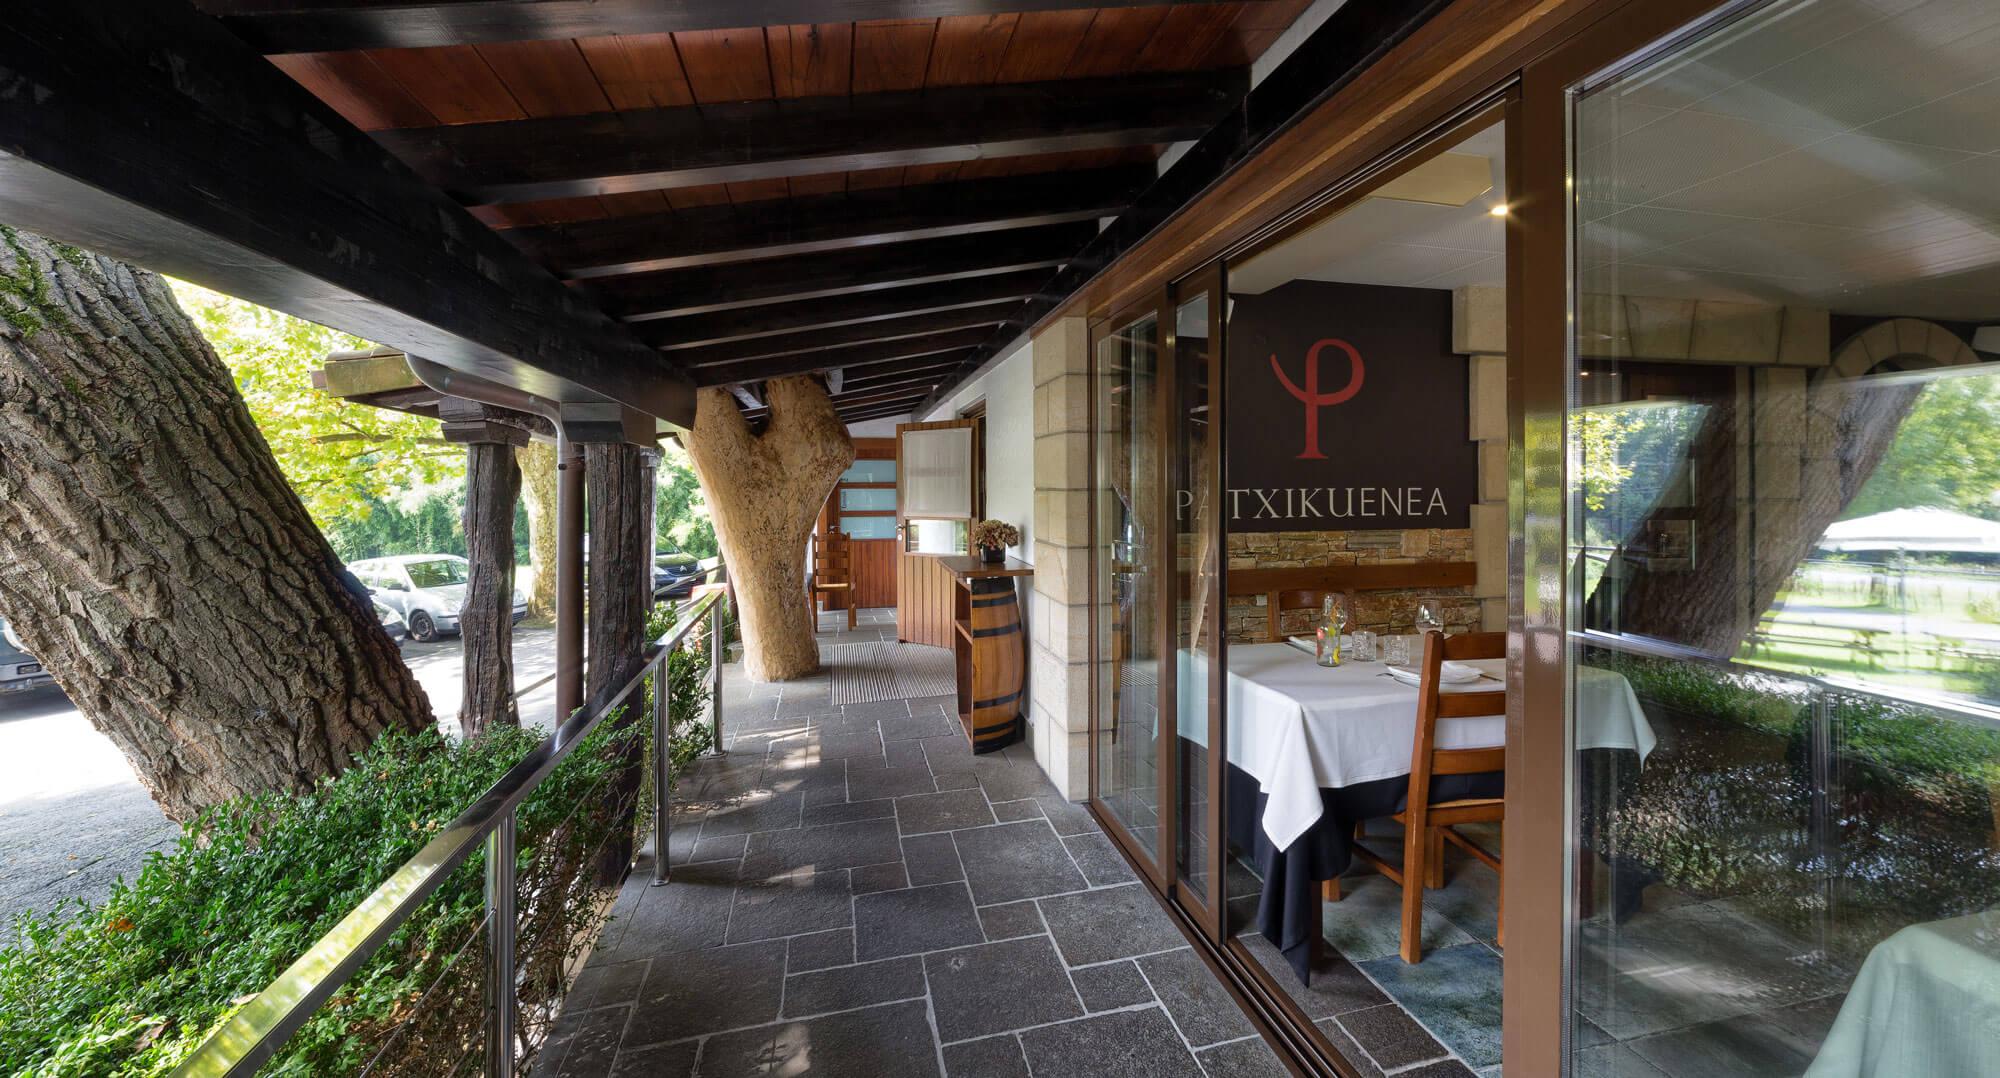 Terraza y entrada del restaurante